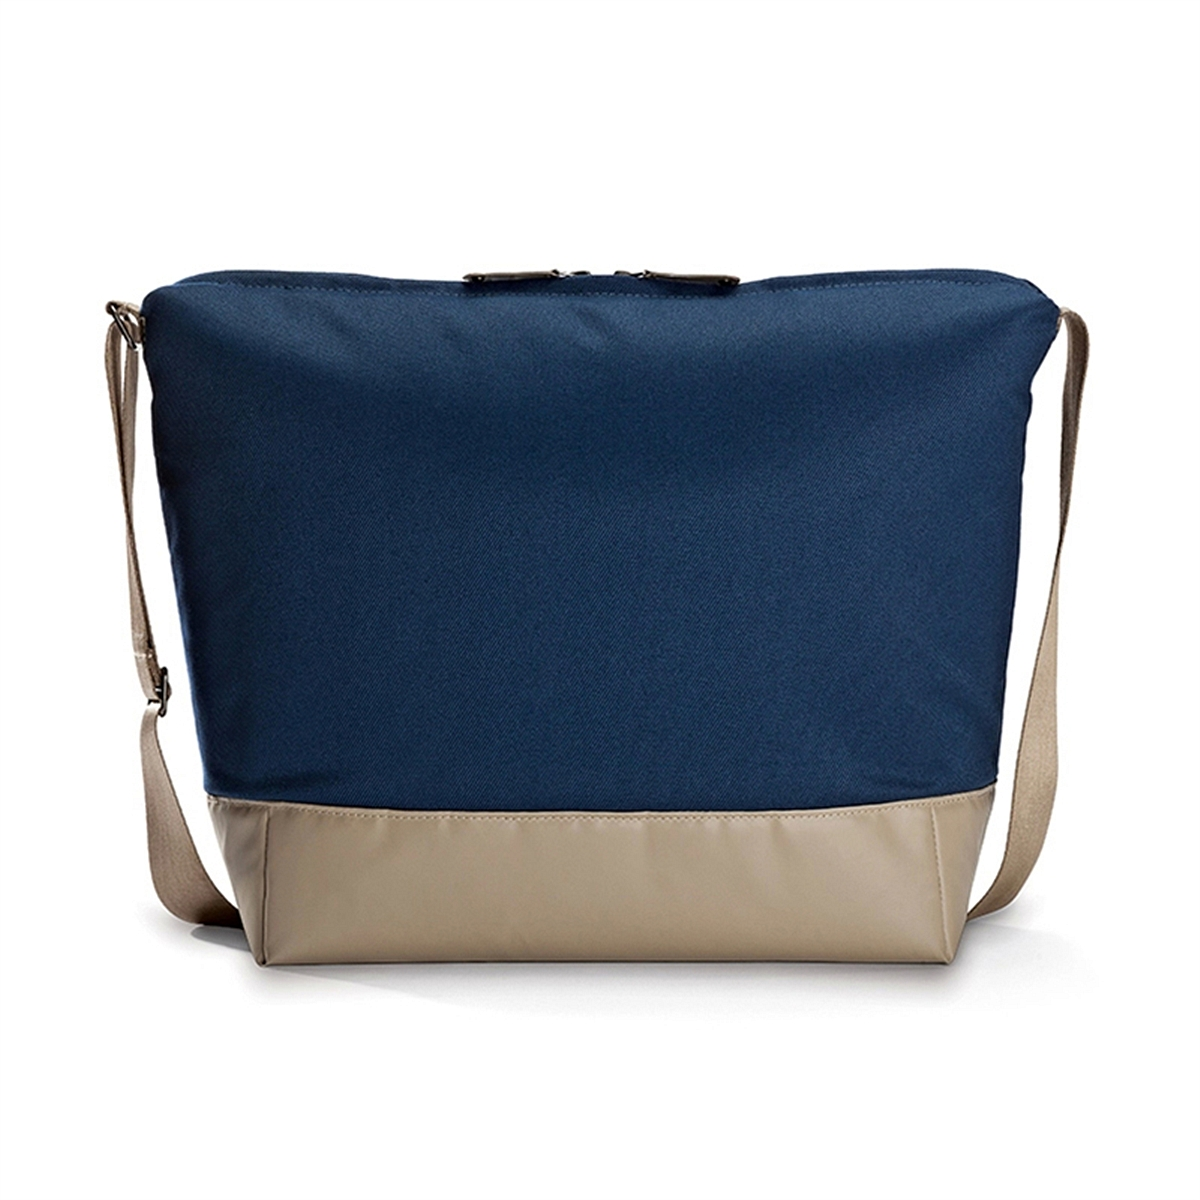 乐摄宝 Marina Shouler Bag 摄影包 39.5x28.5x15cm(单位:个)  海蓝色